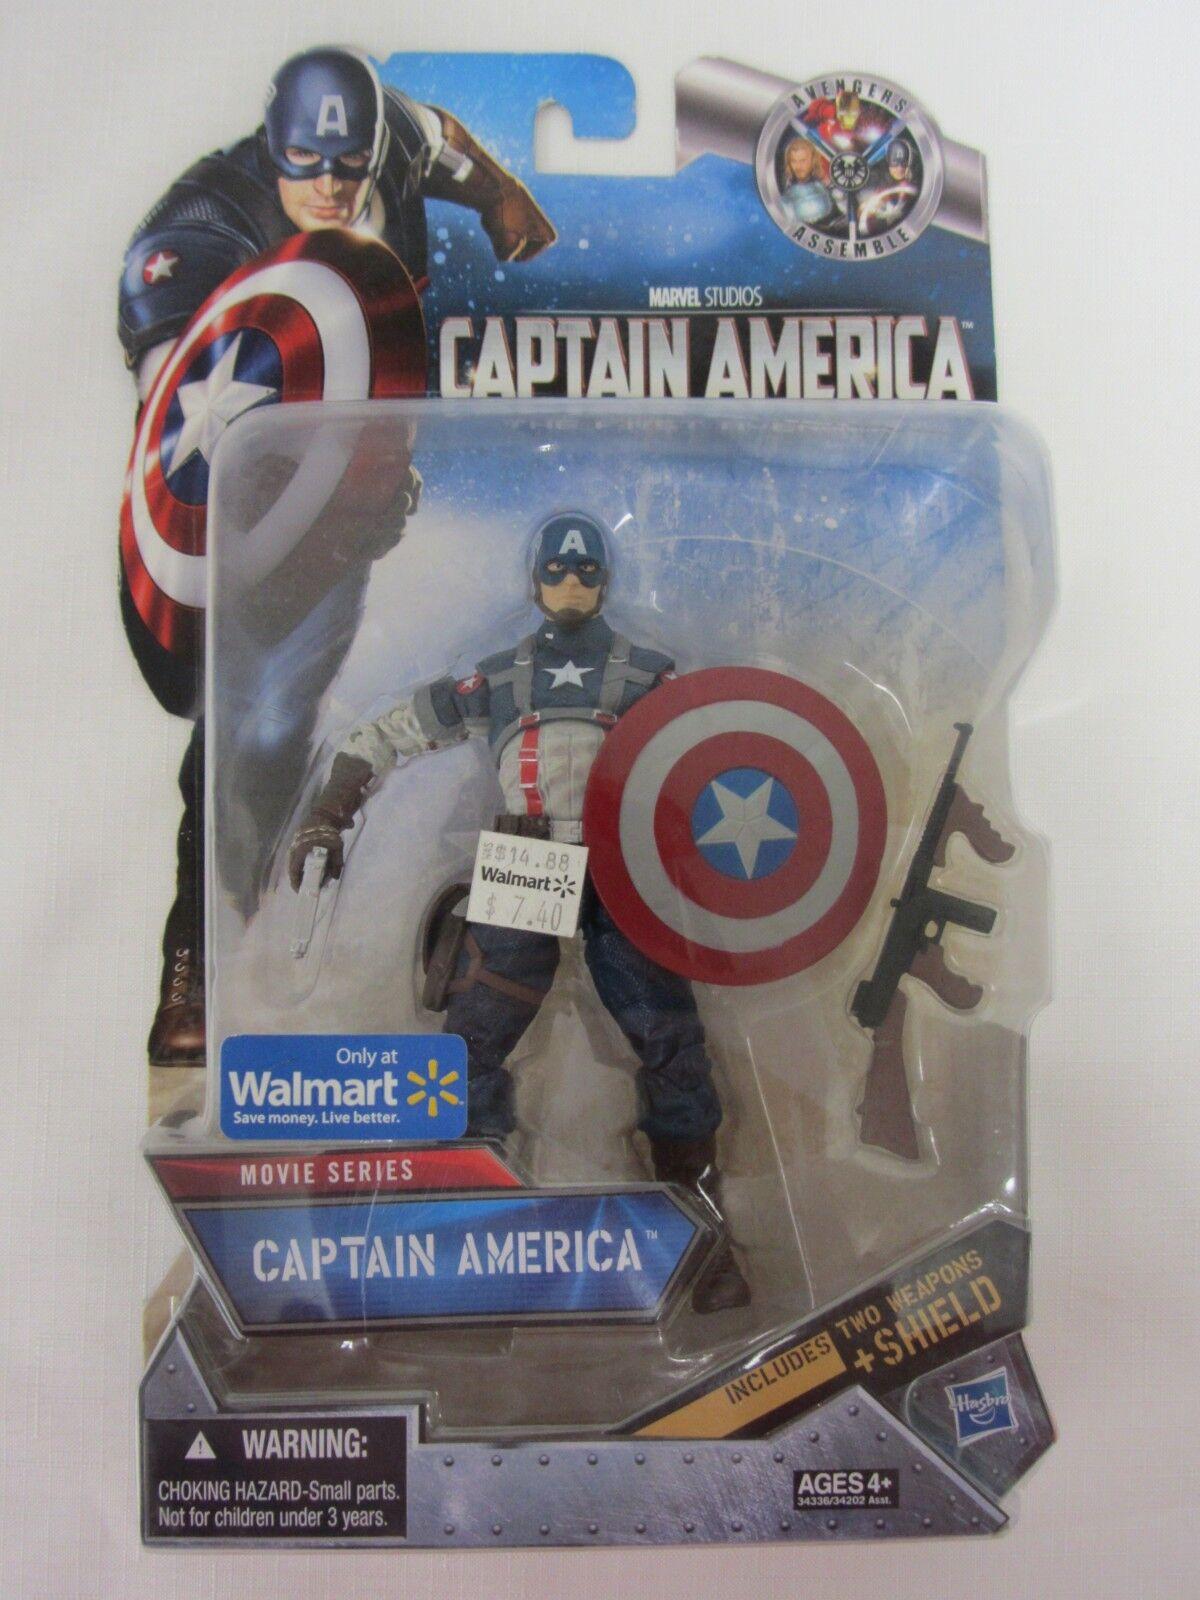 Film  captain america - actionfigur   marvel studios 2011 hasbro